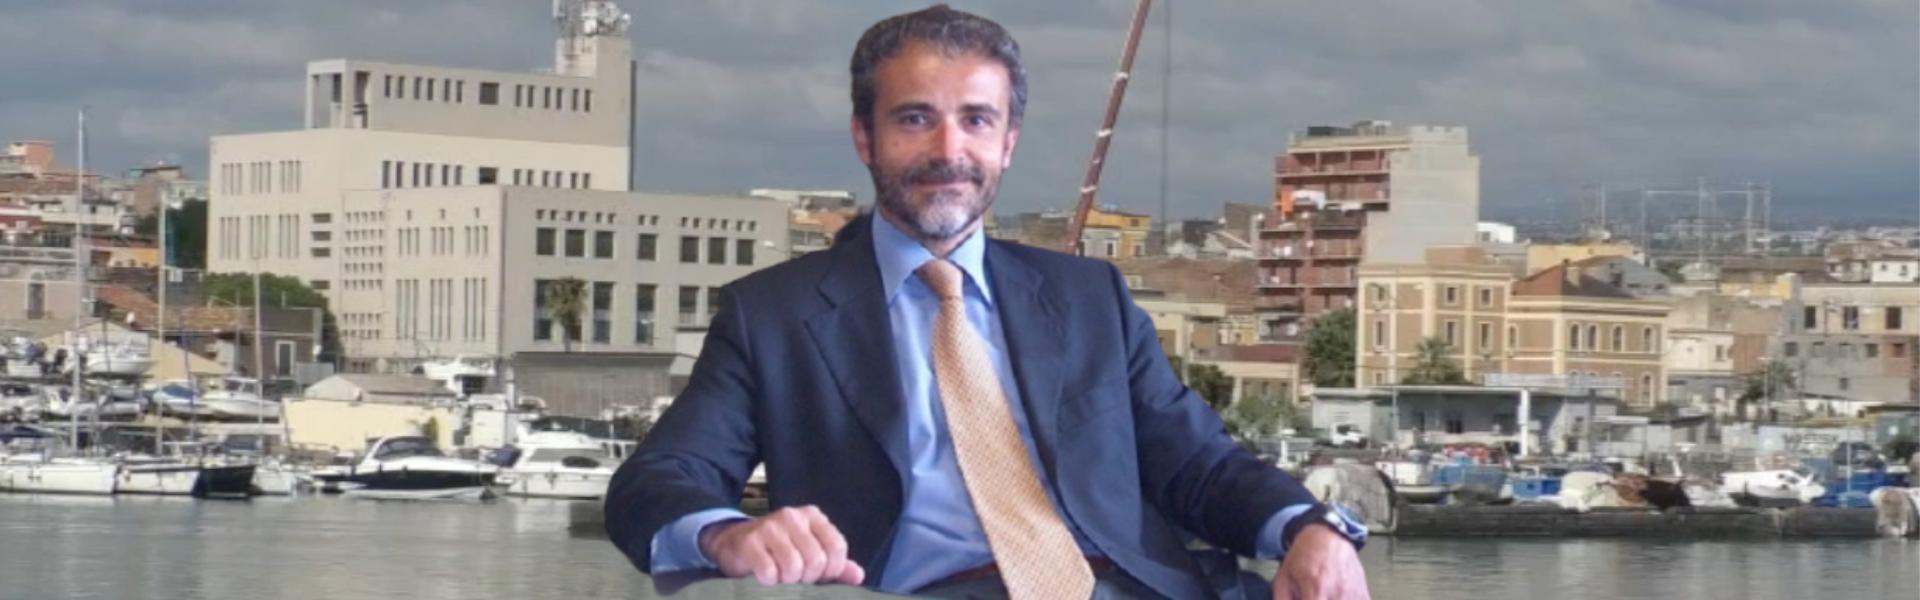 """L'incredibile """"Porto di Catania"""" tra indecenza e potenzialità: intervista al Commissario Alberto Chiovelli"""